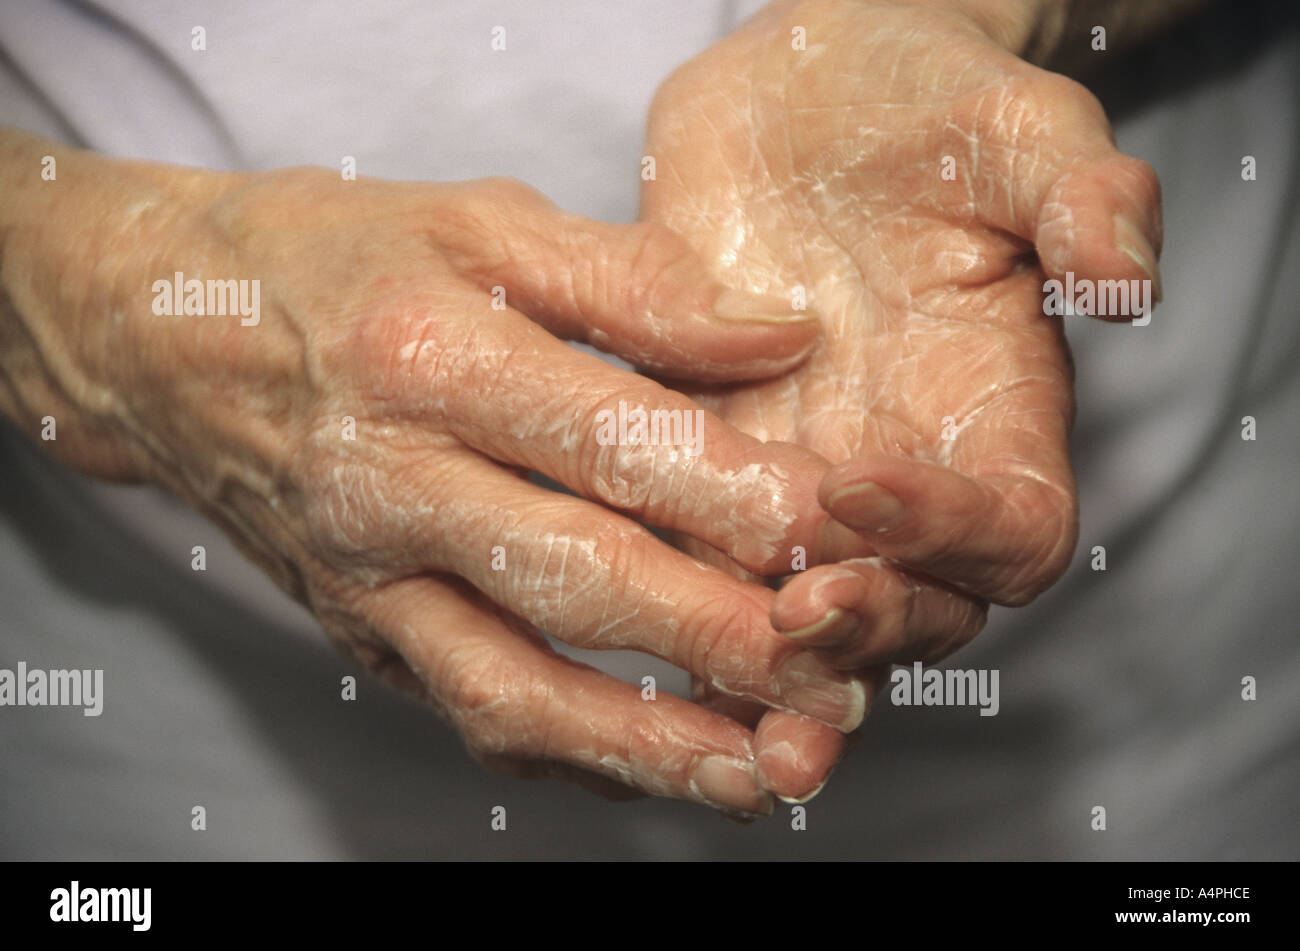 ältere arthritischen Händen setzen auf Seite Creme Stockfoto